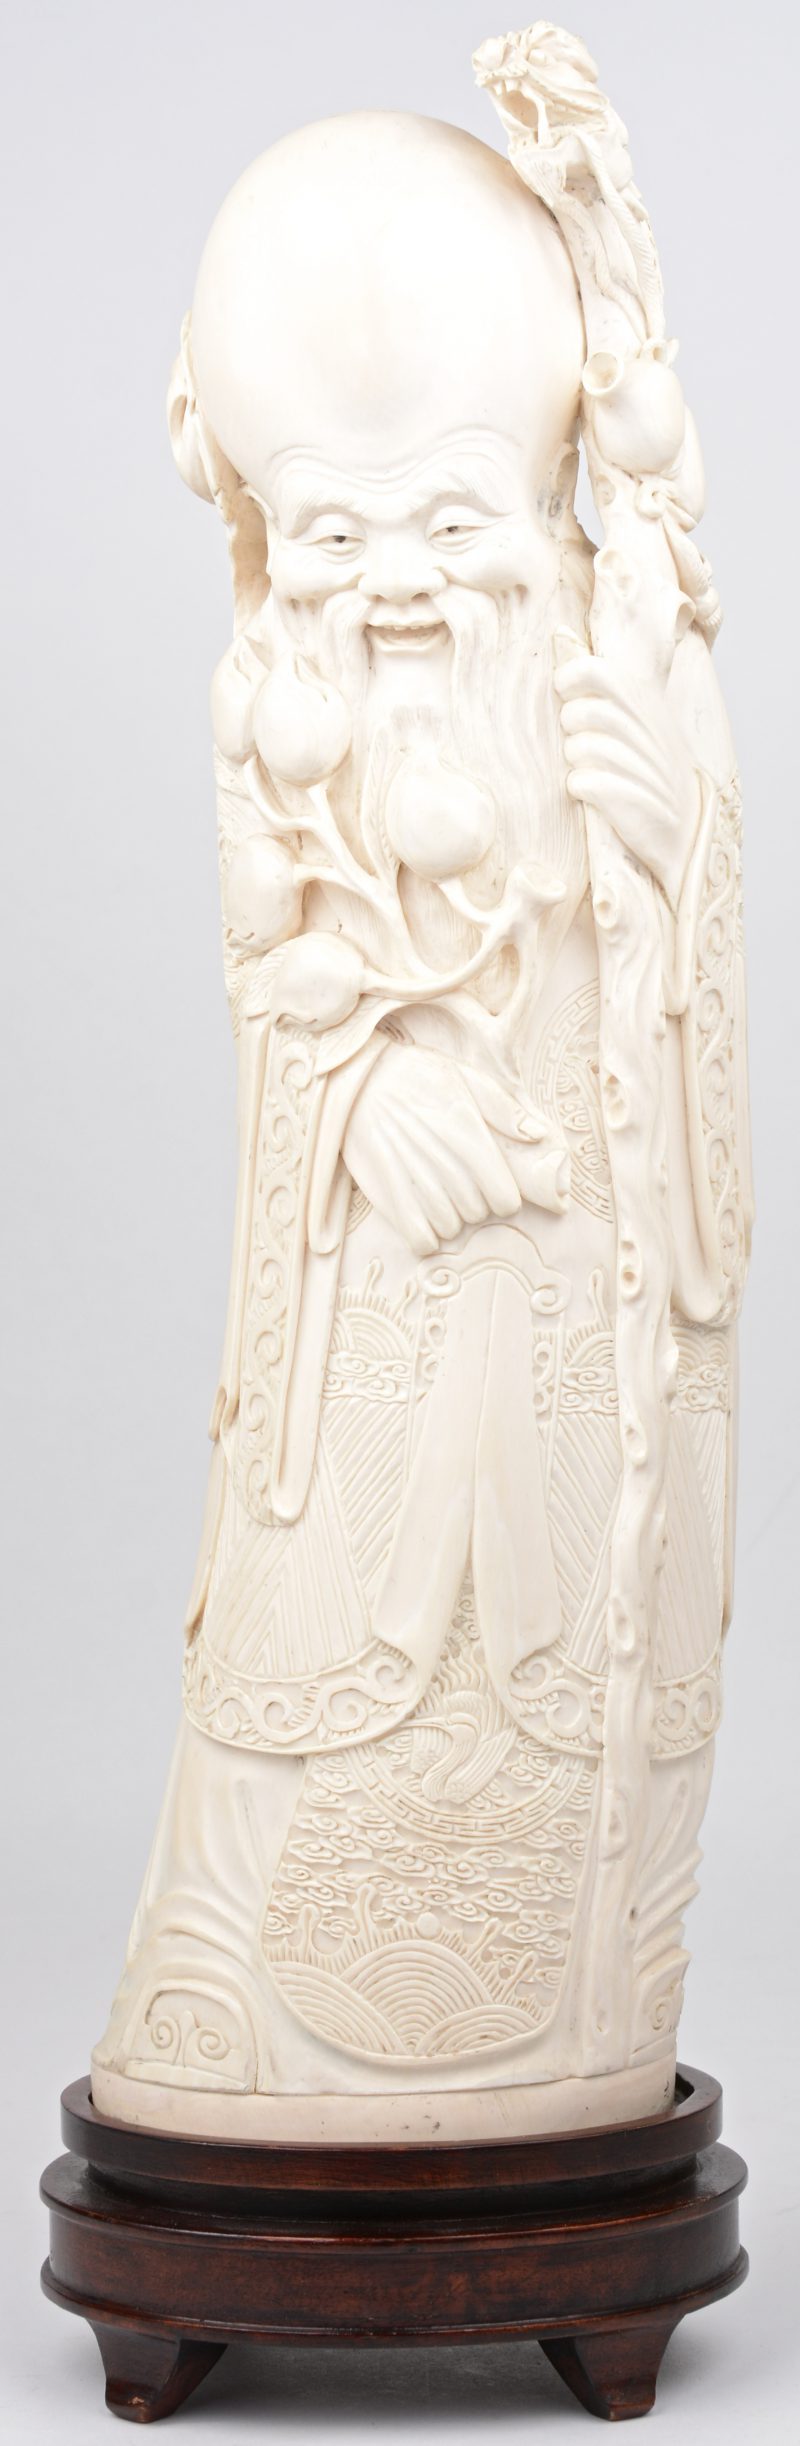 """""""Oude wijze met staf en lotustak"""". Een beeld van fijn gesculpteerd ivoor. Chinees werk. Onderaan gemerkt."""